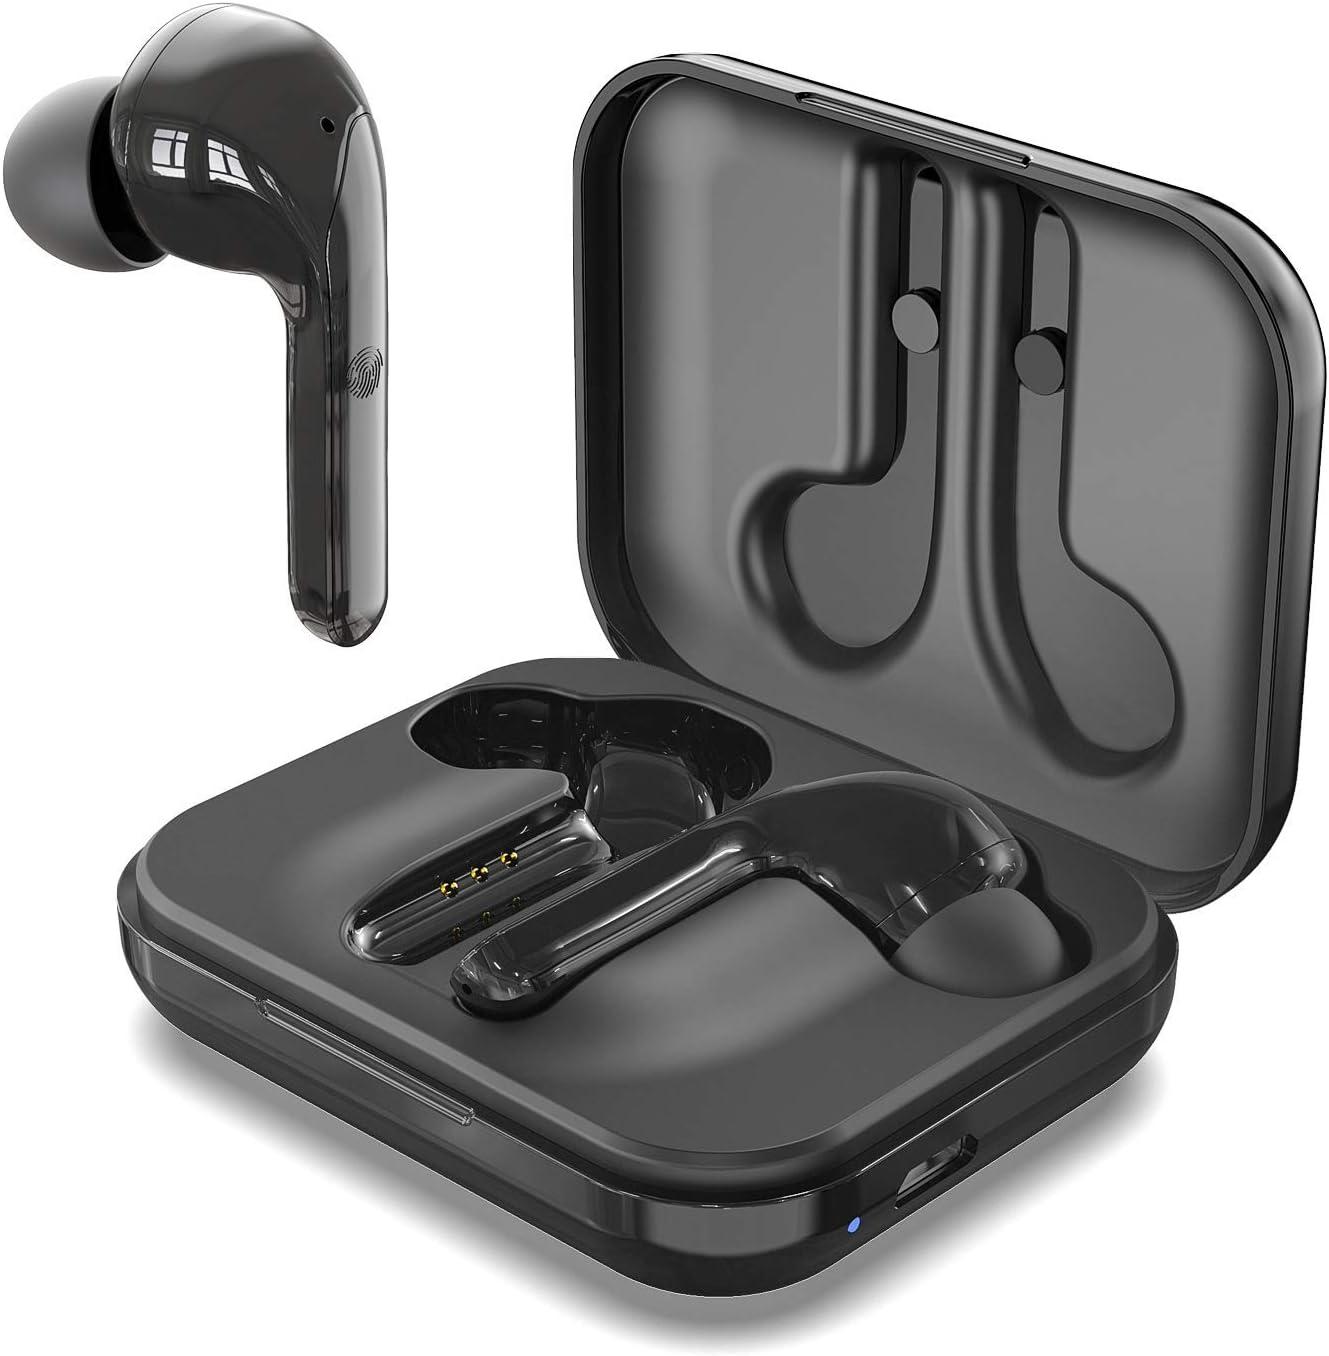 Arbily Auriculares Inalámbricos, Bluetooth 5.0 con Caja de Carga Sonido Estéreo HI-FI Cancelación de Ruido Control Táctil, Soporte Aptx Calidad de Sonido, para Correr Deportivo al Aire Libre (Negro)